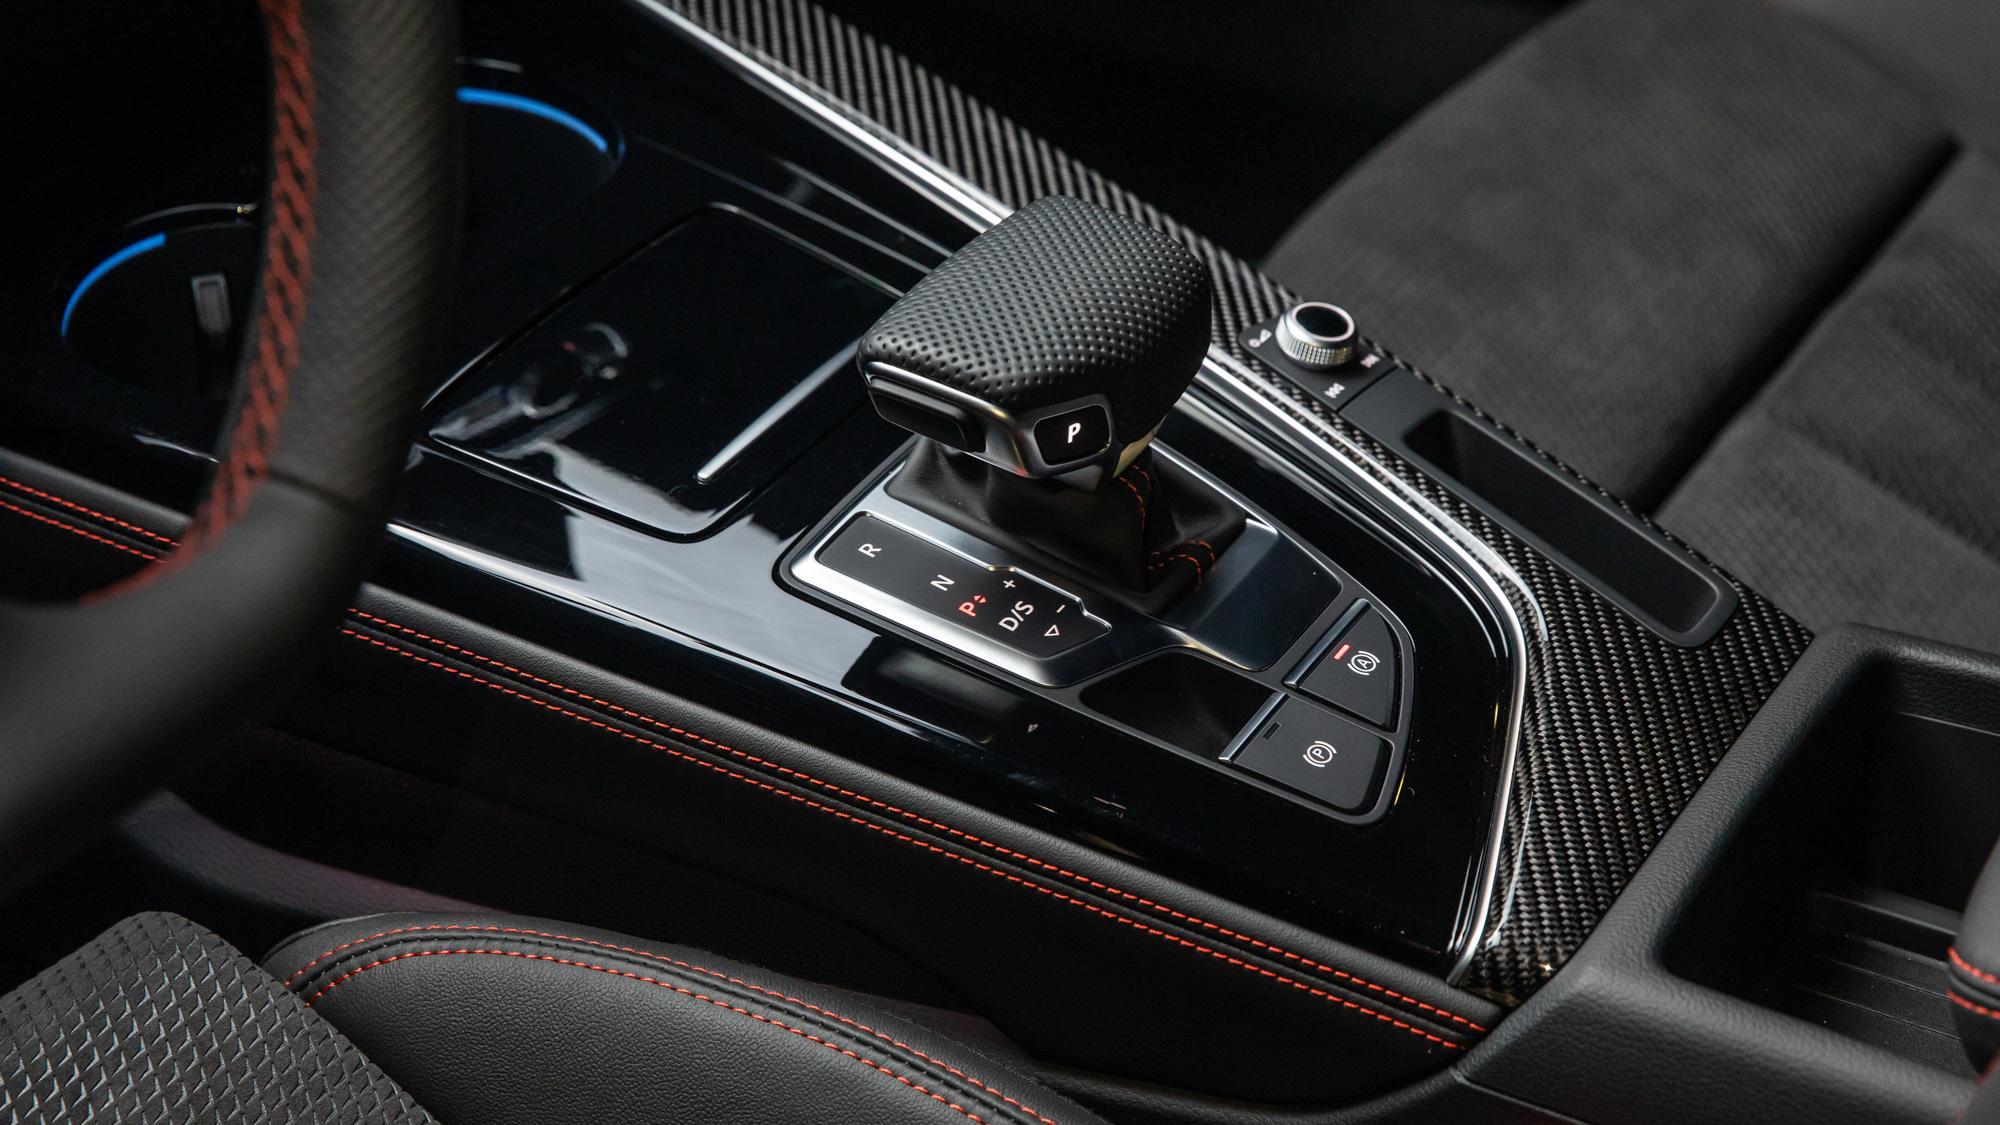 Все версии автомобиля – с 7-ступенчатым «роботом» S-Tronic. Как он будет распоряжаться 150 силами – вопрос пока открытый, но в паре с самым мощным мотором коробка работает отлично